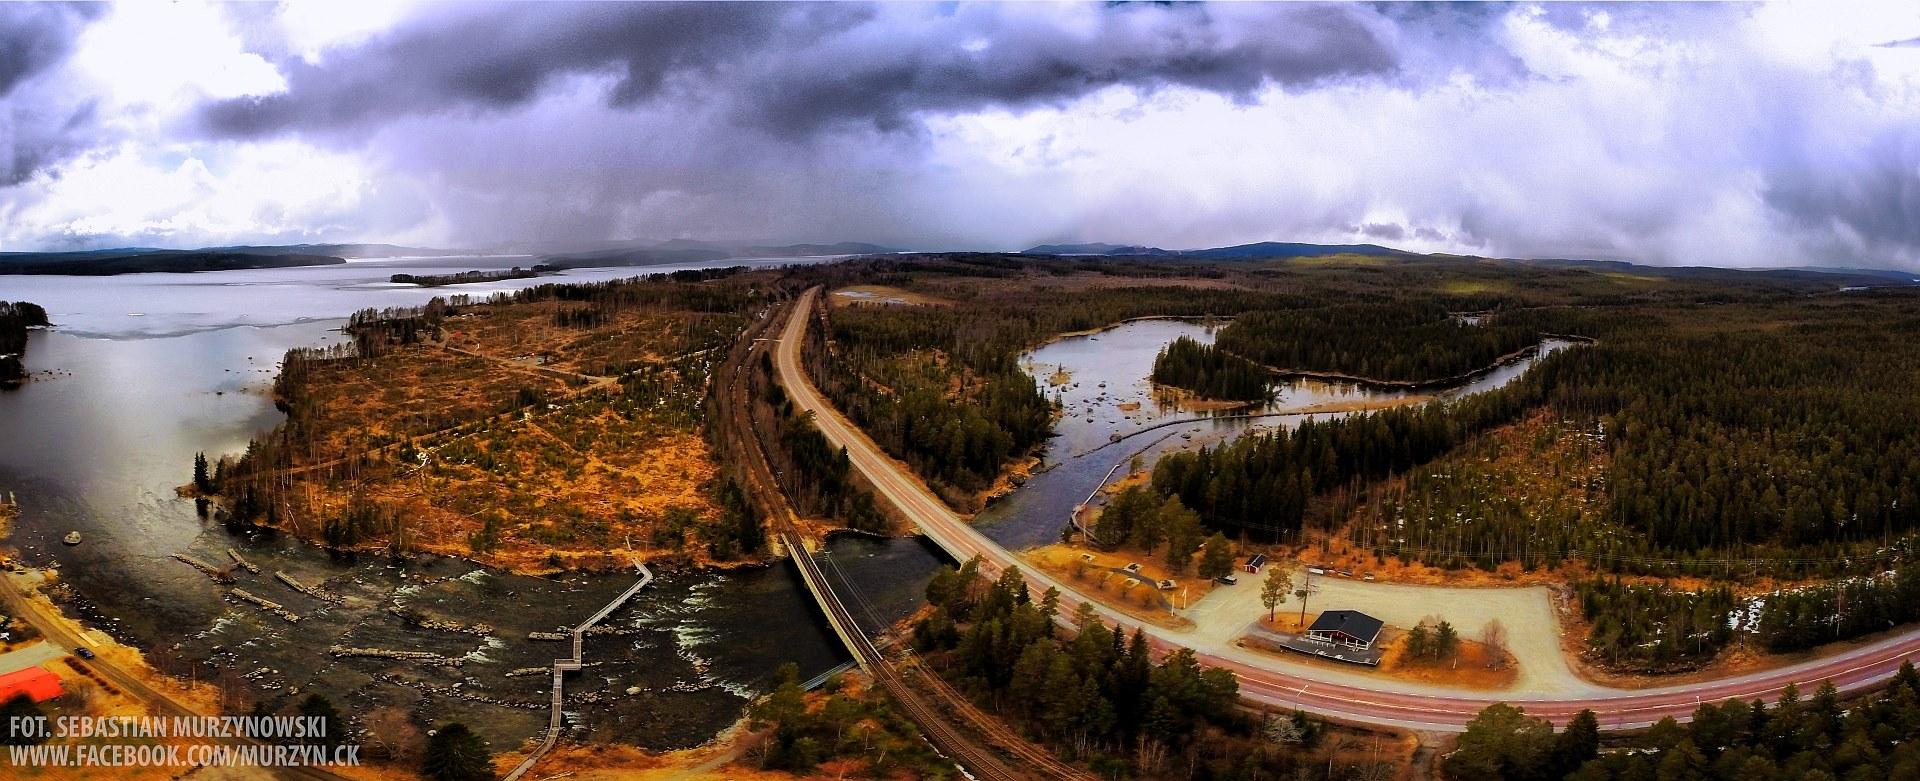 Gimarasten-Sebastian-Murzynowski-foto-Best-flyfishing-spot-Sweden-2.jpg